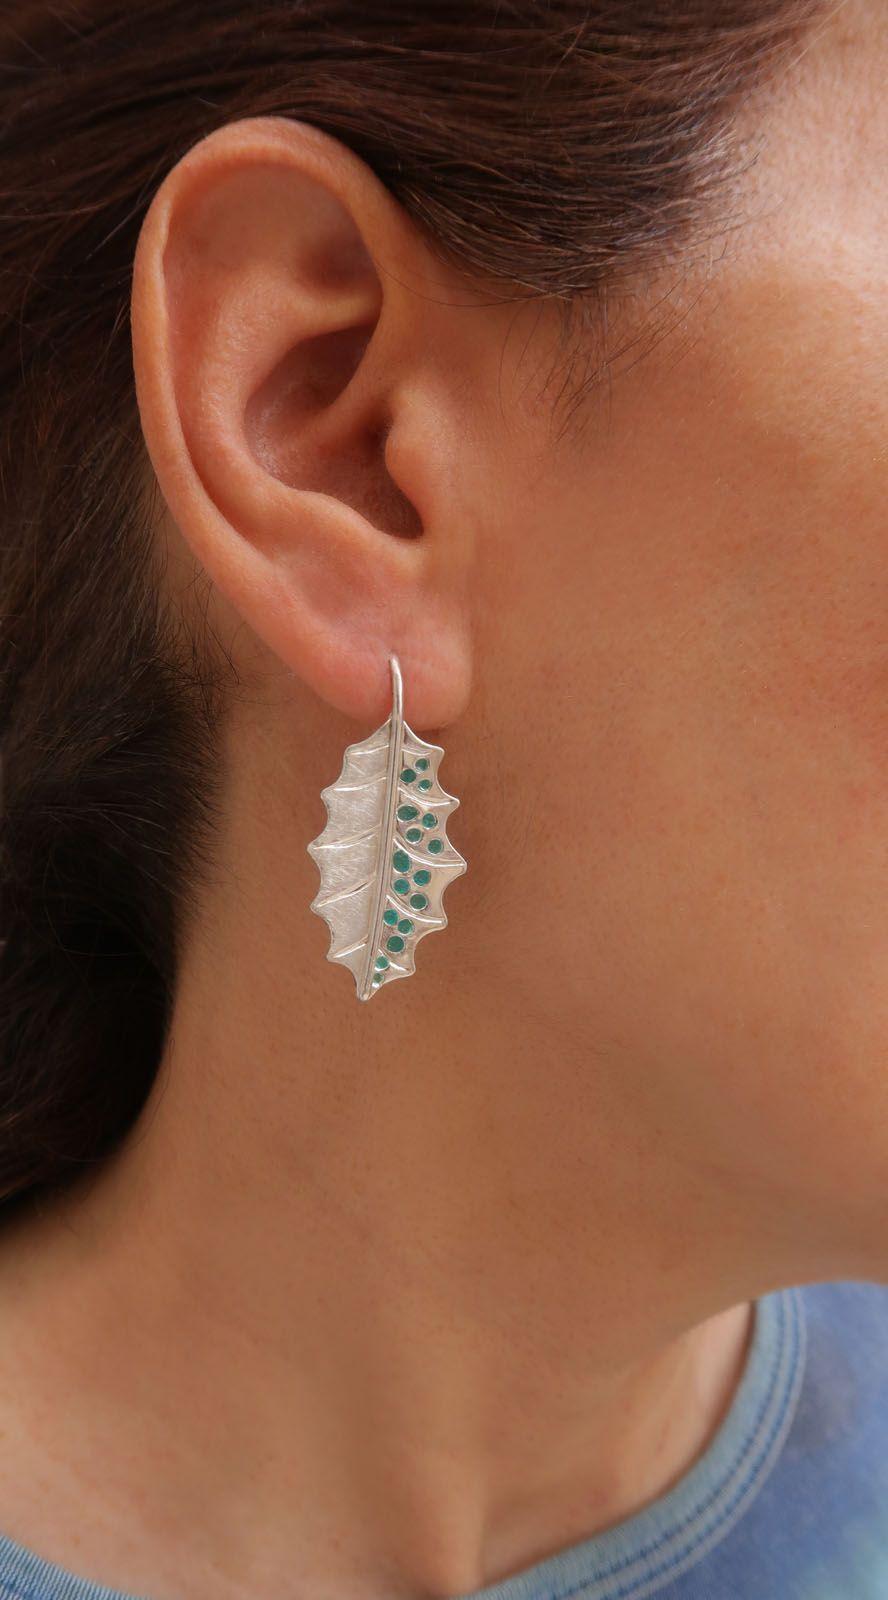 Dangle Style Leaf Earrings Fine Silver Organic Themed Earrings